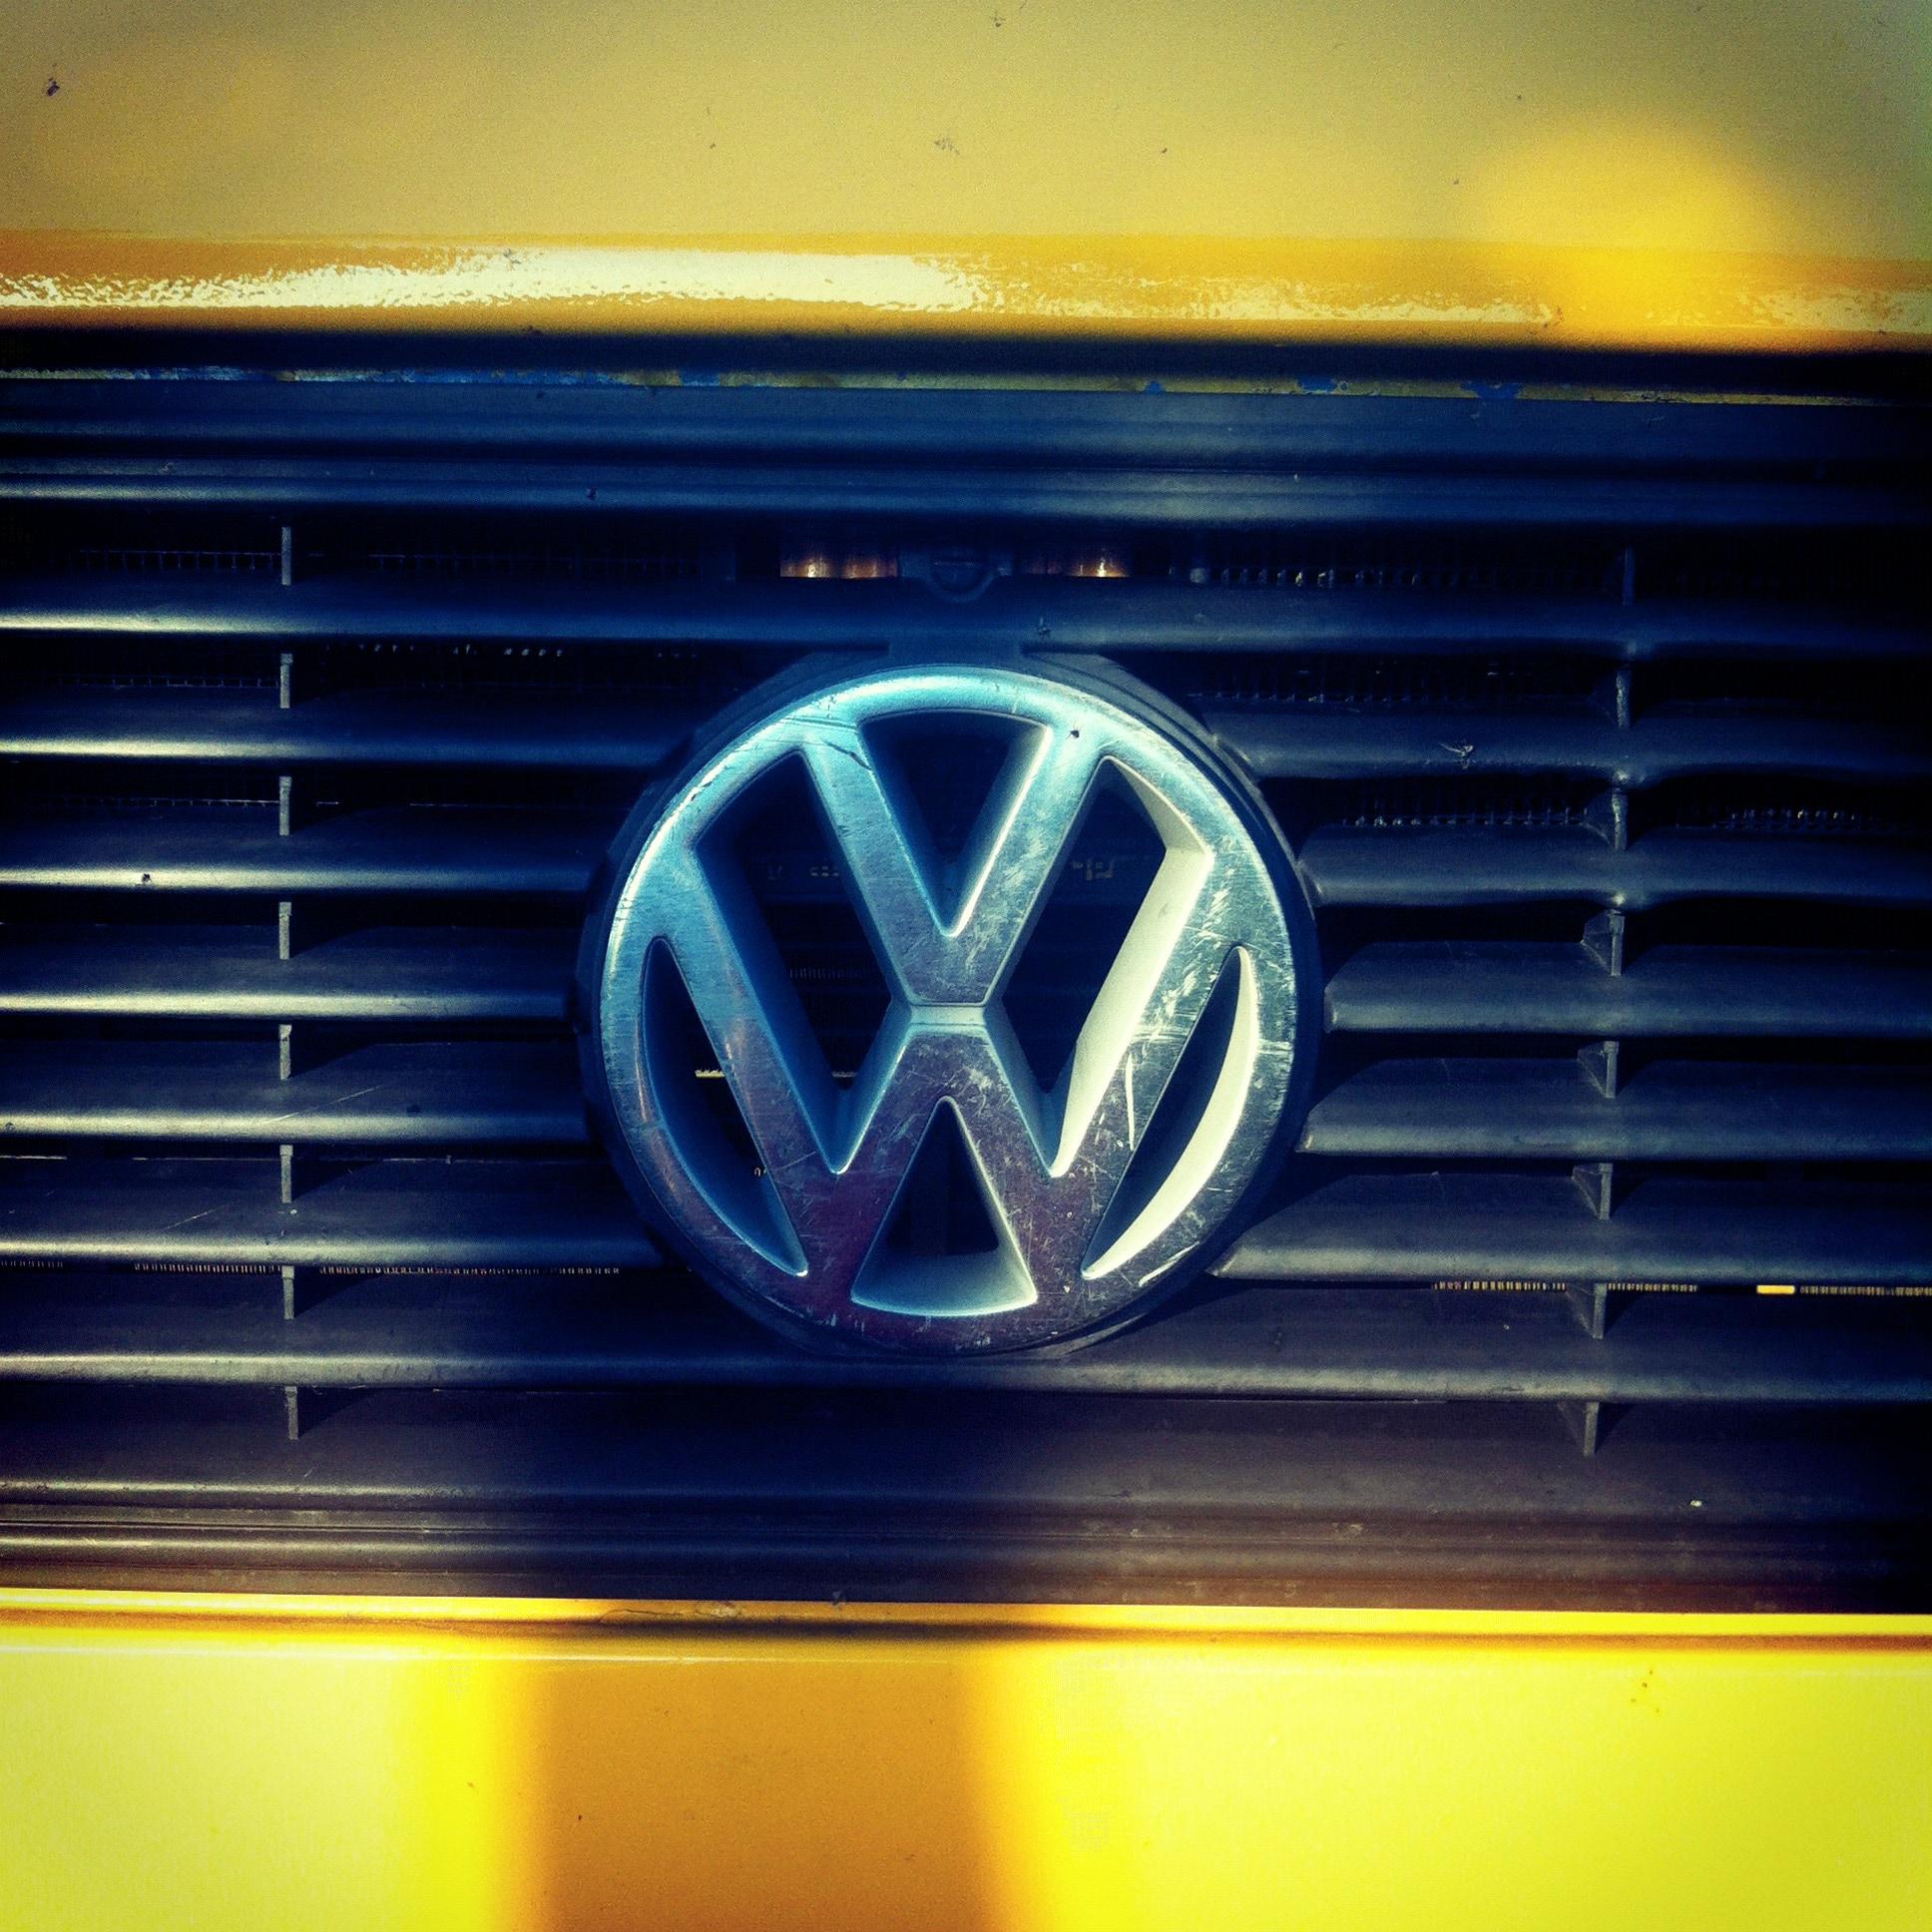 gele bus VW logo